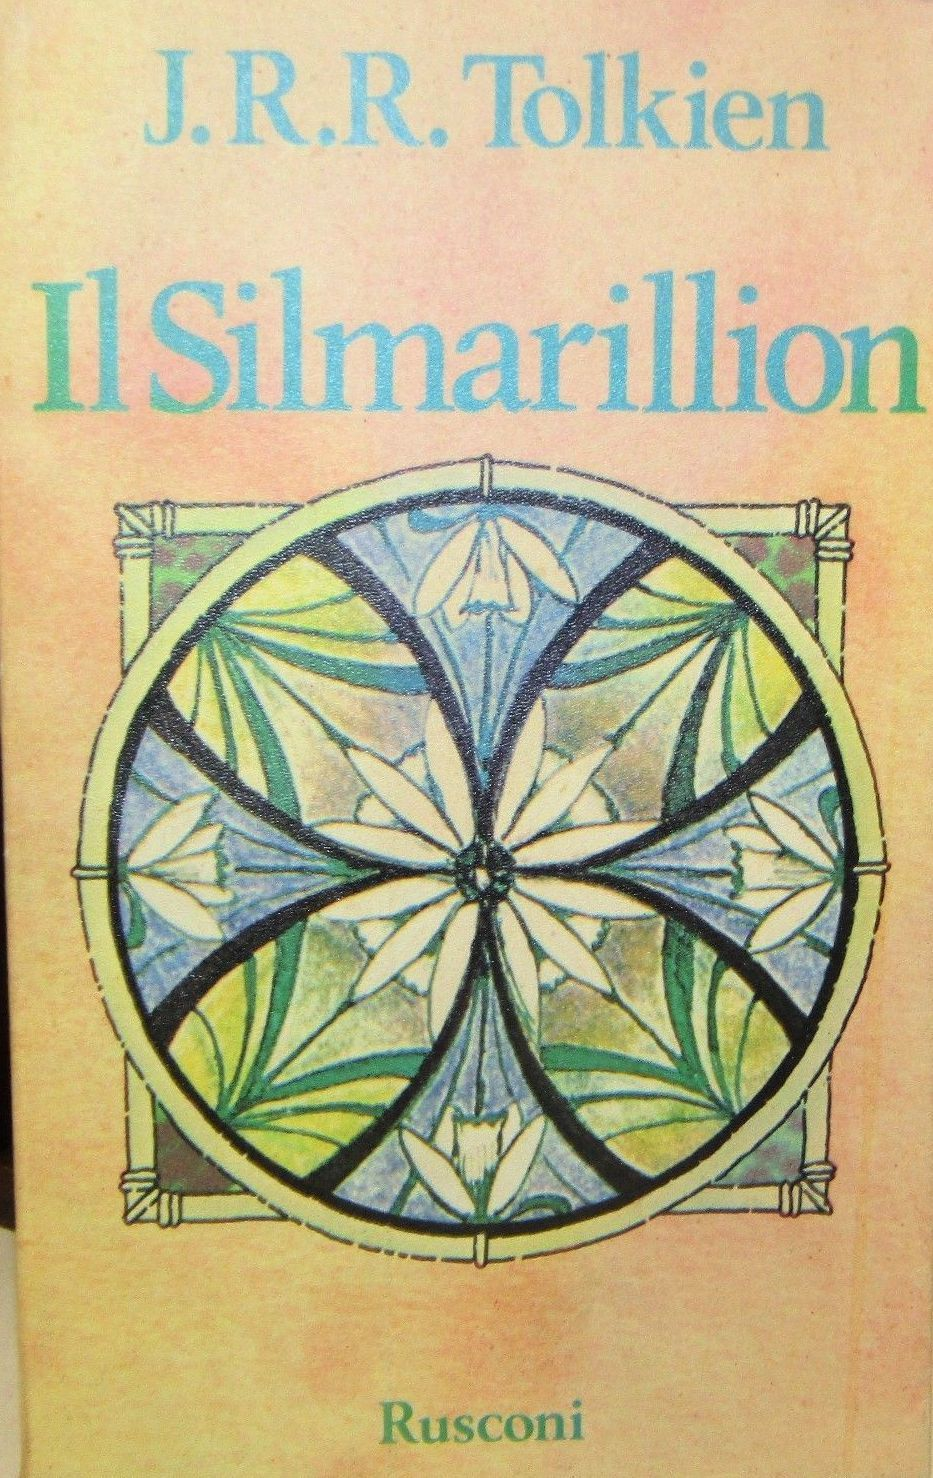 """…su eBay c'è il """"Silmarillion"""" di J. R. R. Tolkien del 1978 a 14 €"""